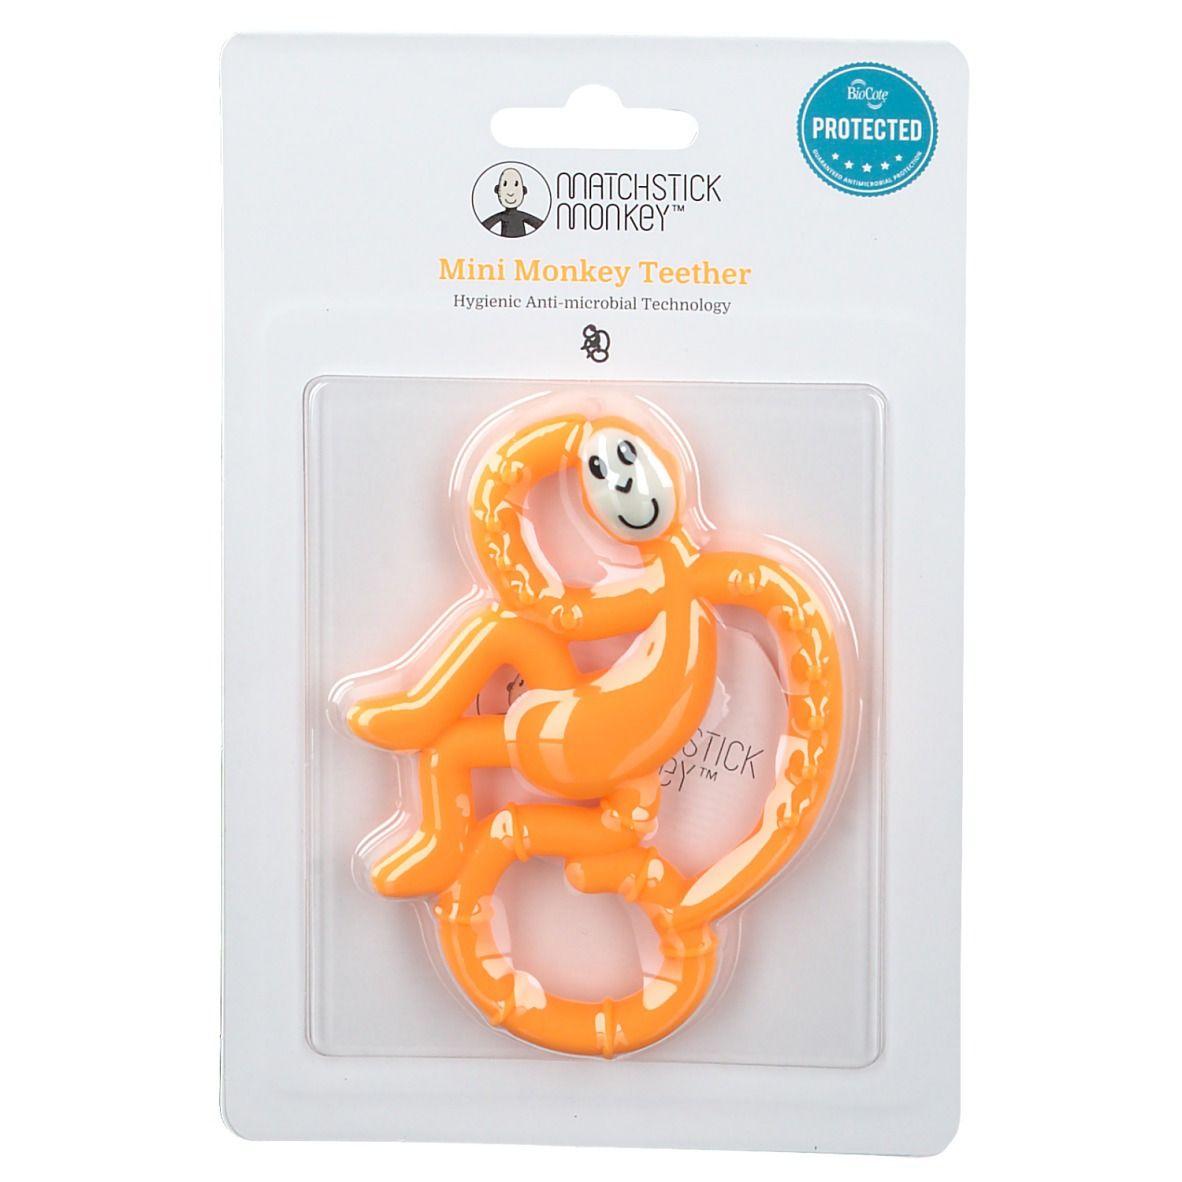 Avent Matchstick Monkey Mini Jouet de dentition Orange pc(s) anneau(x) de dentition